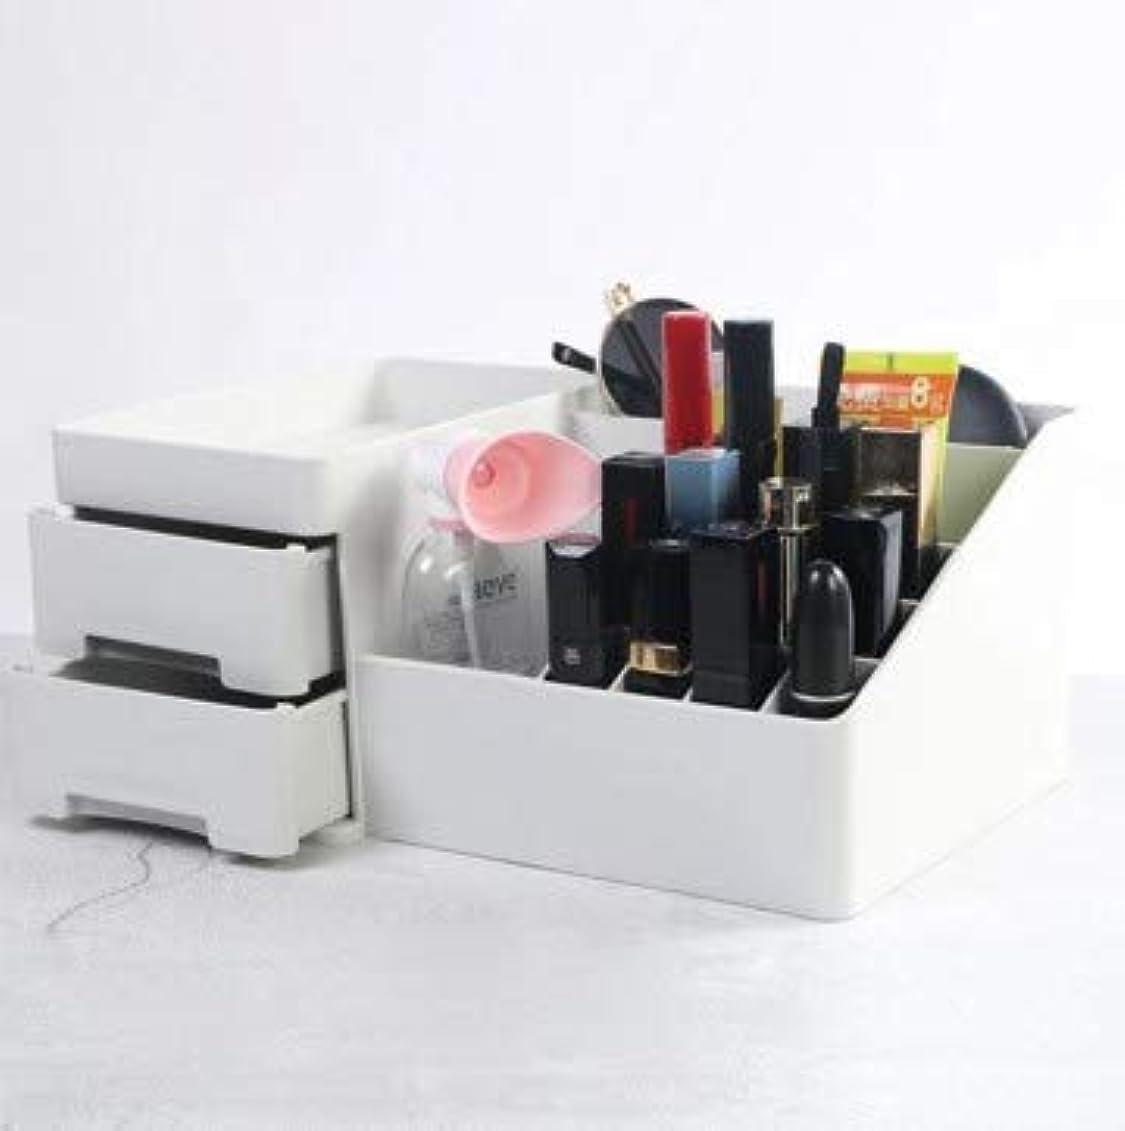 ピクニック五遷移デスクトップ引き出し型化粧品収納ボックスプラスチックドレッシング収納ホーム収納ボックス (Color : グレー)